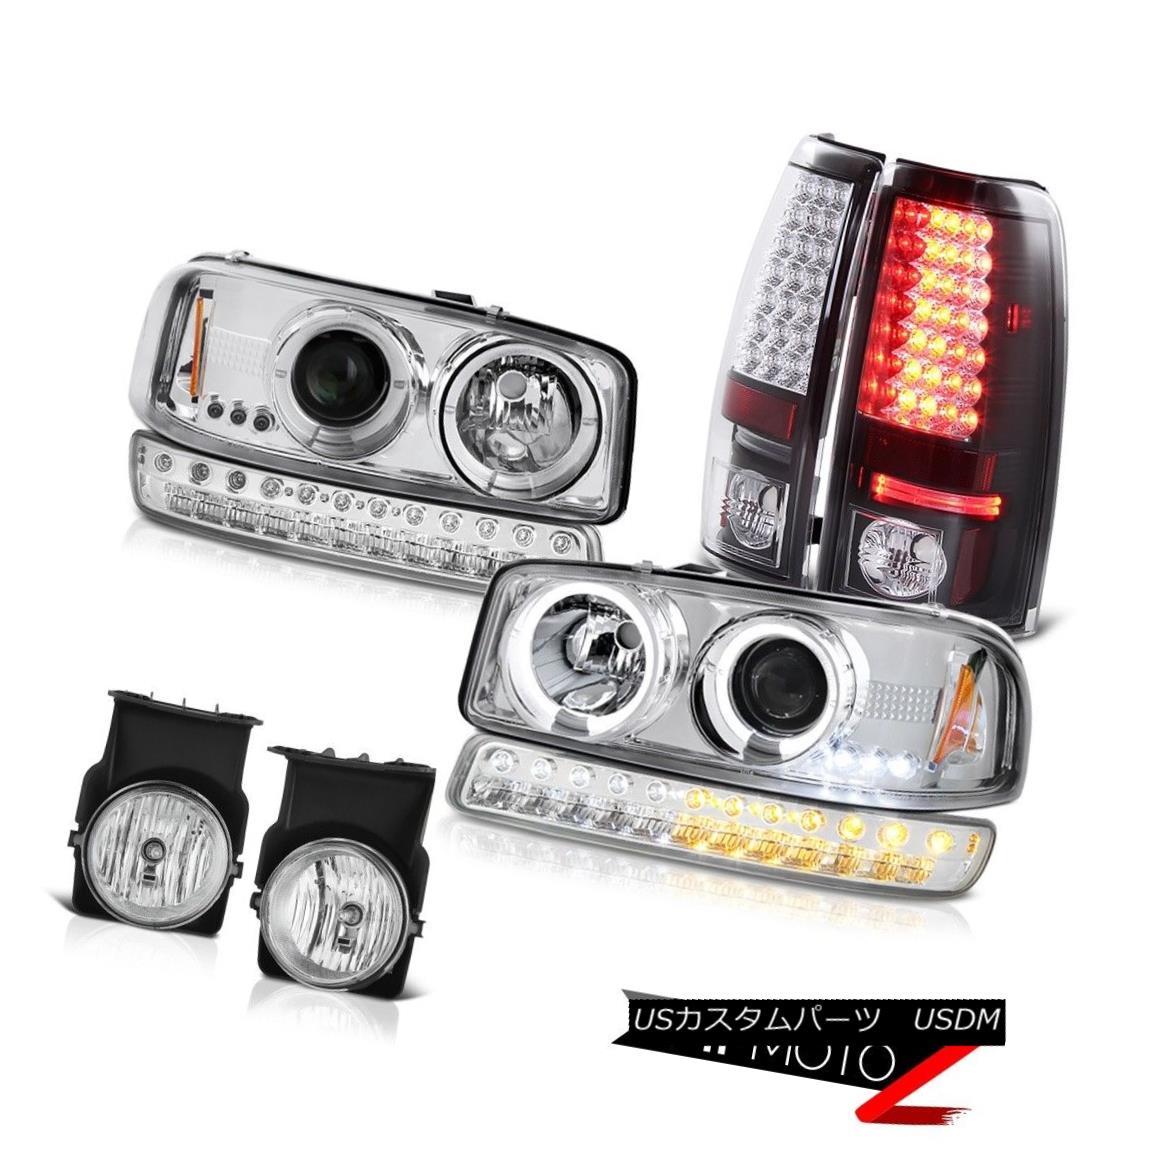 テールライト 03-06 Sierra GMT800 Foglamps Infinity Black SMD Taillamps Parking Lamp Headlamps 03-06 Sierra GMT800フォグランプインフィニティブラックとタイルランプパーキングランプヘッドランプ